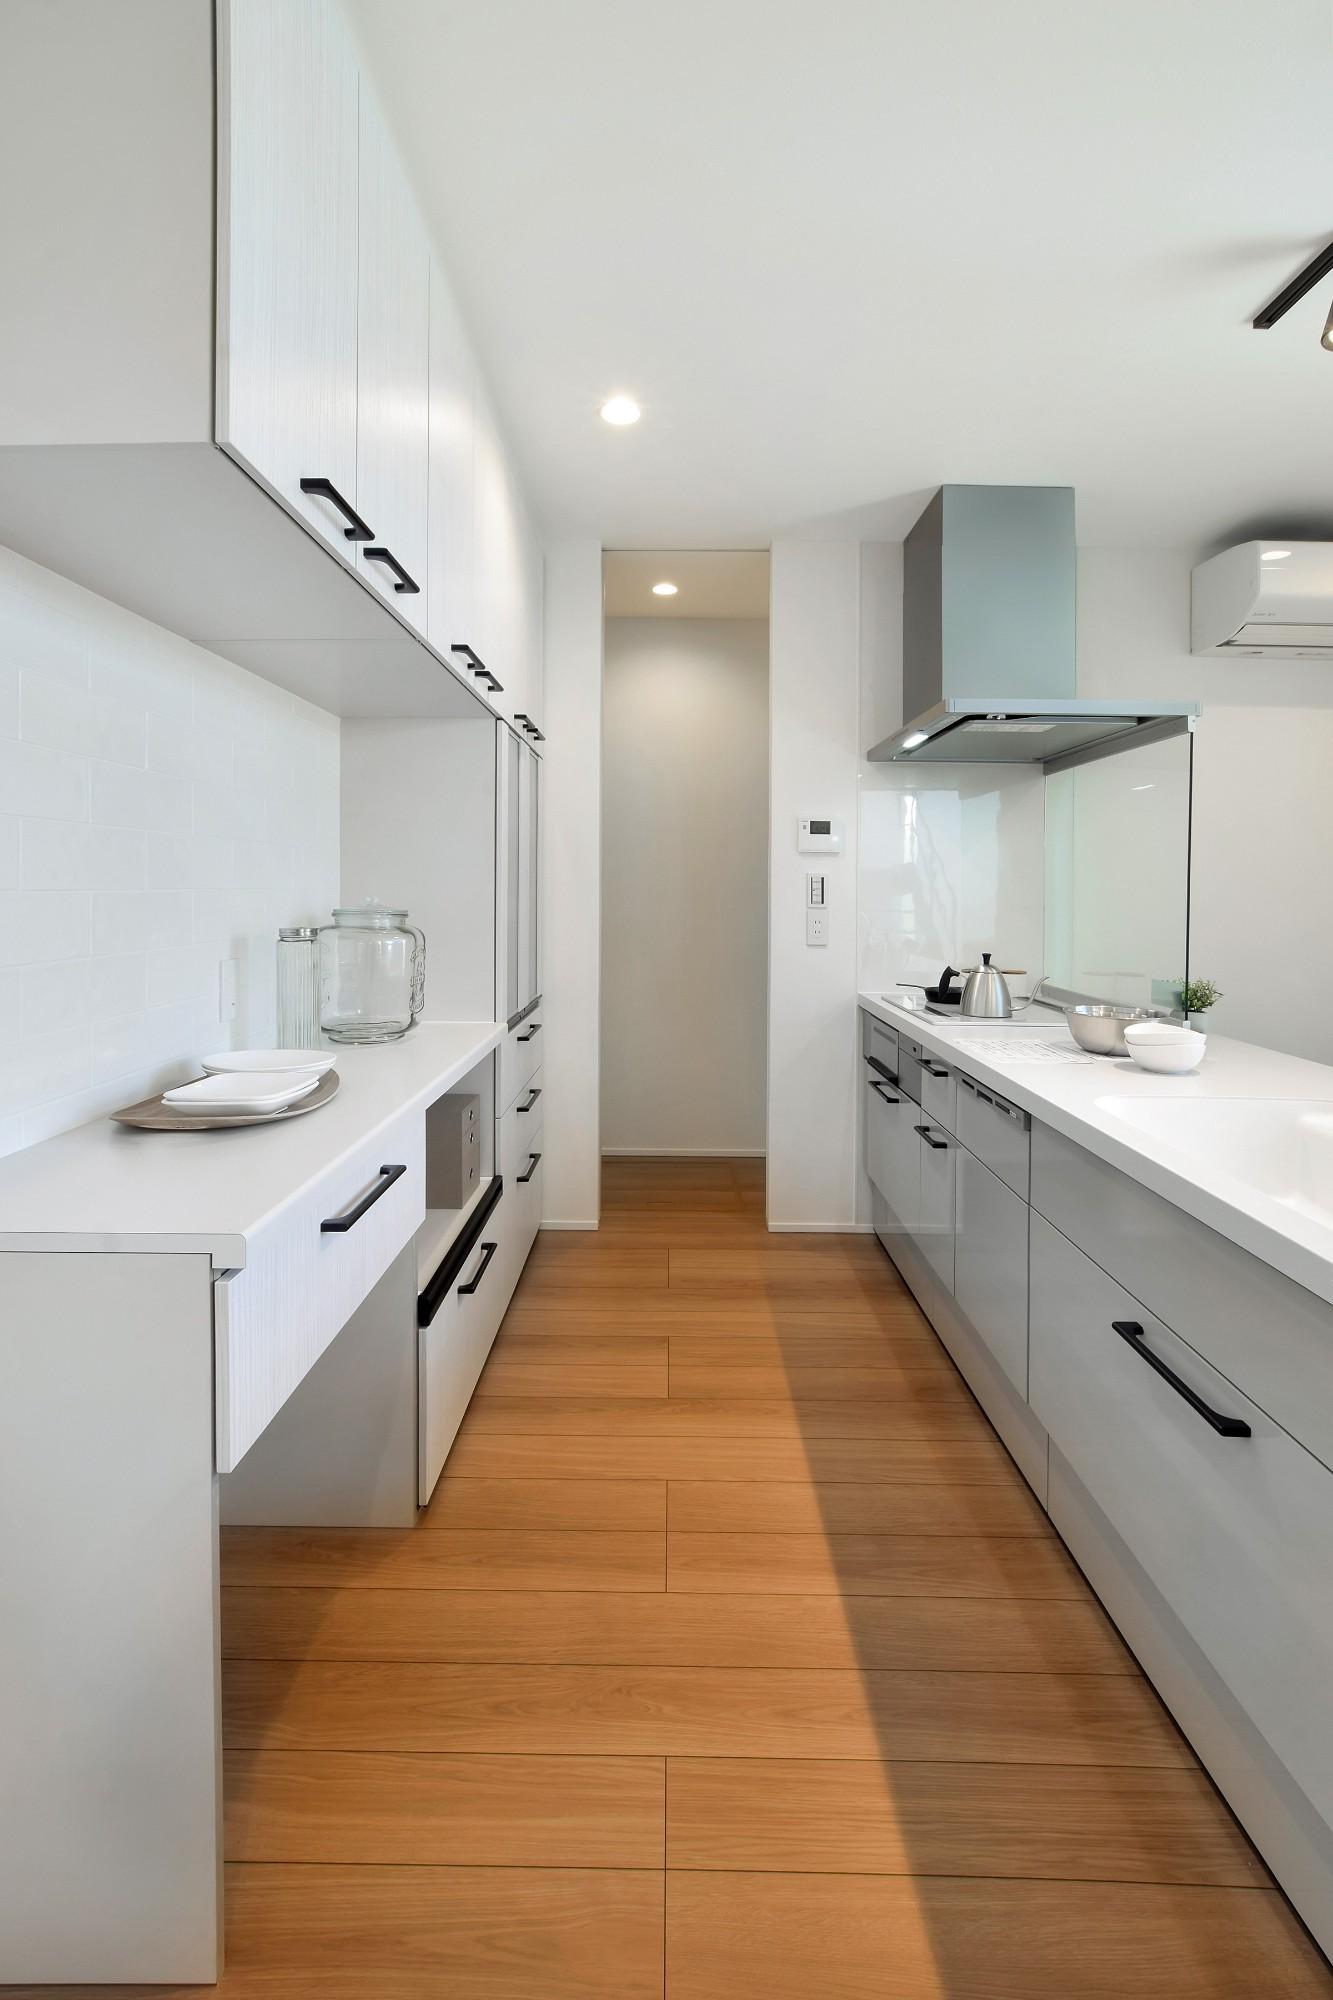 DETAIL HOME(ディテールホーム)「L字型LDKとプライベートデッキのある生活」のシンプル・ナチュラルなキッチンの実例写真